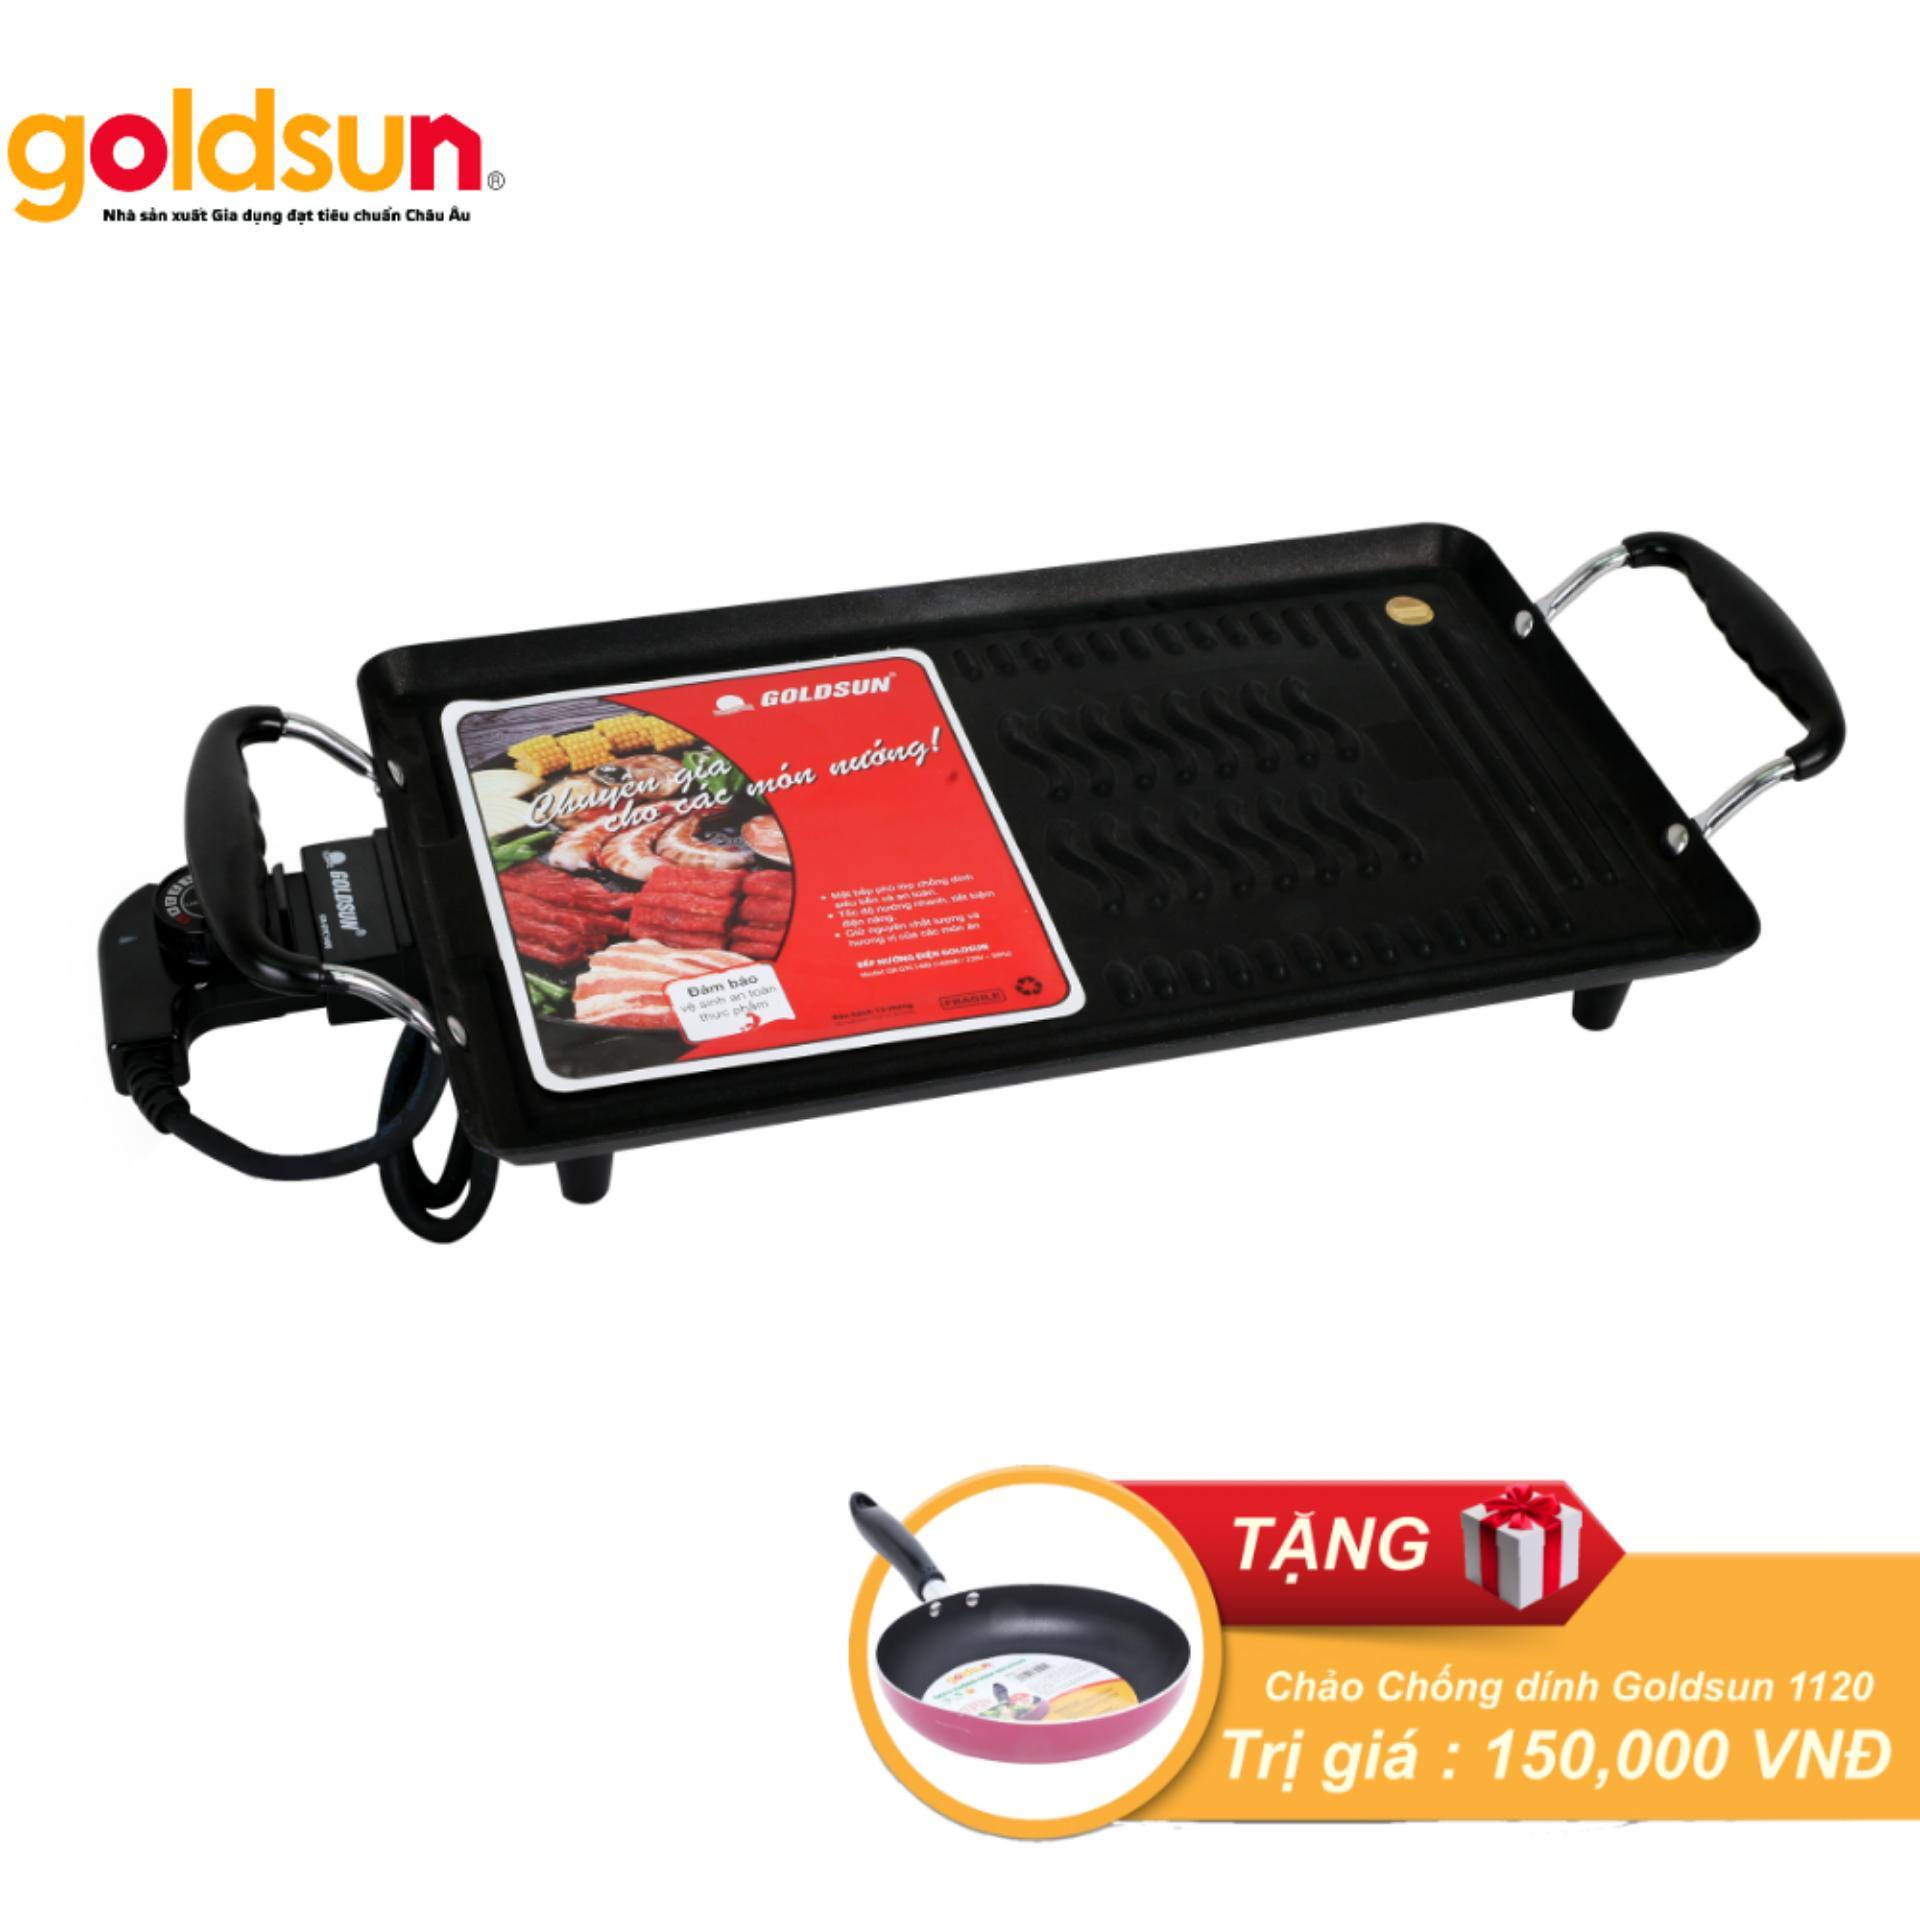 Hình ảnh Bếp nướng điện Goldsun GR-GYC 1400